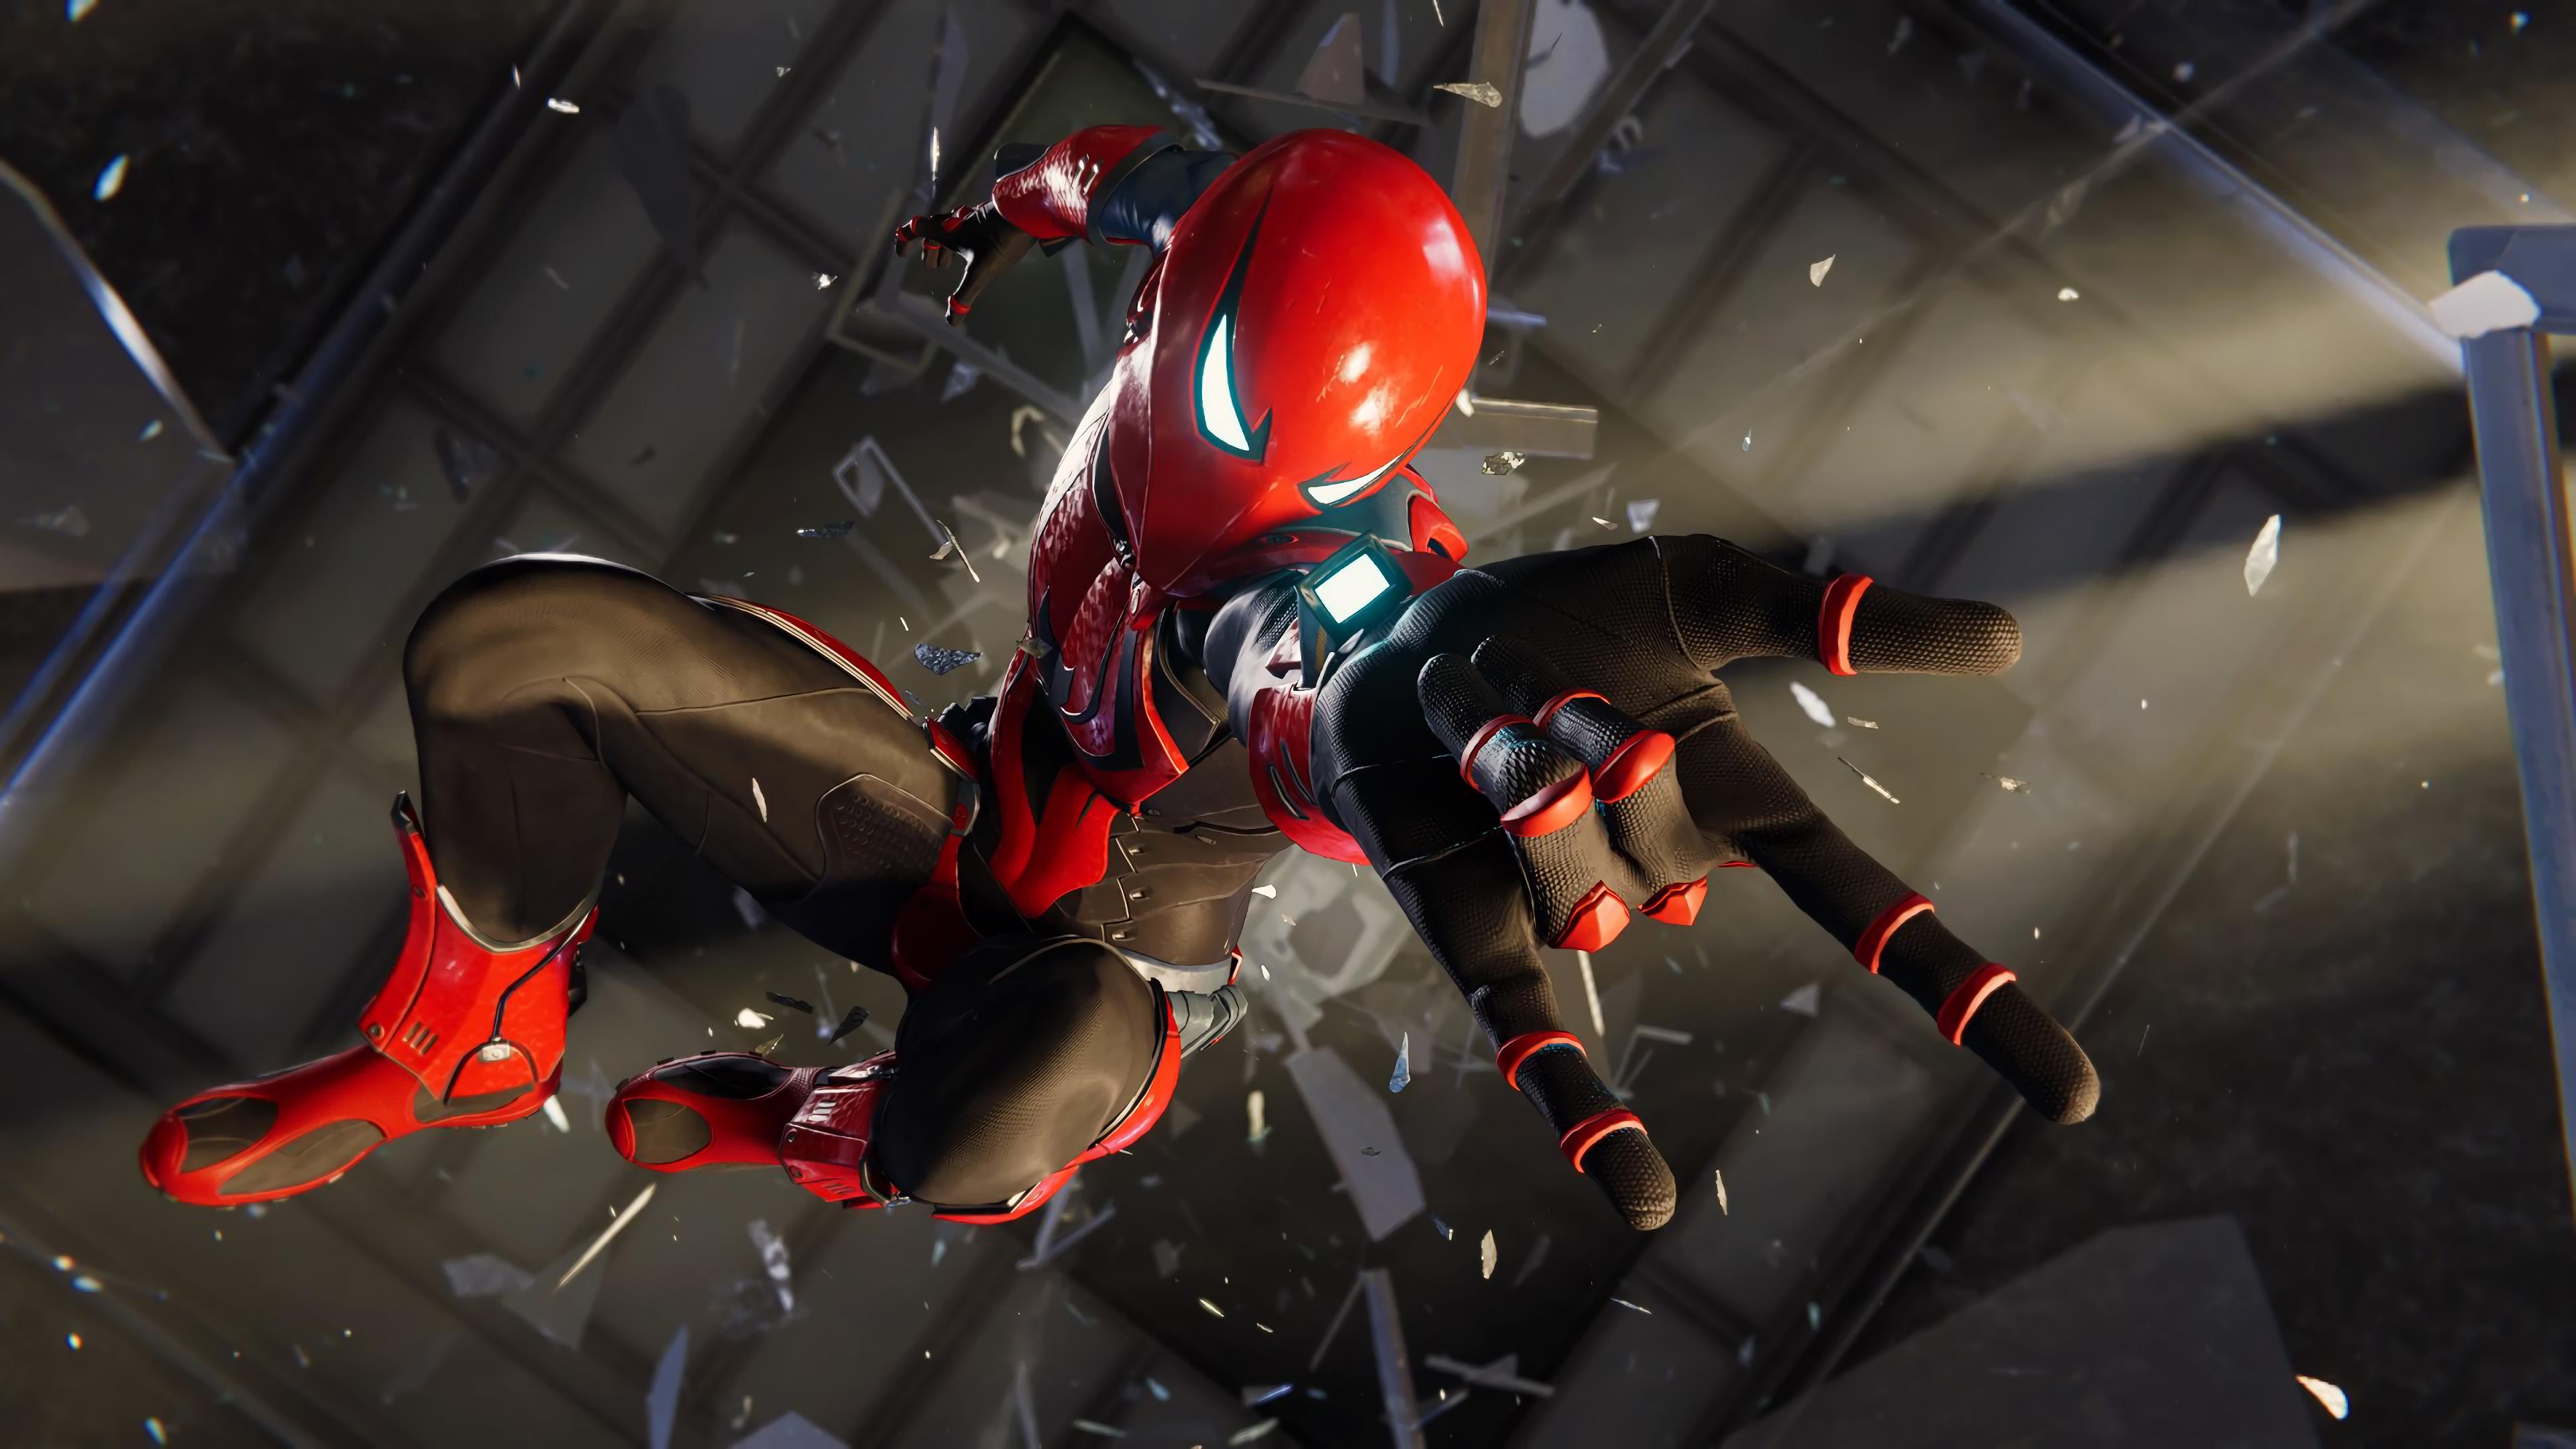 Spiderman Mk 3 4k Hd Superheroes 4k Wallpapers Images